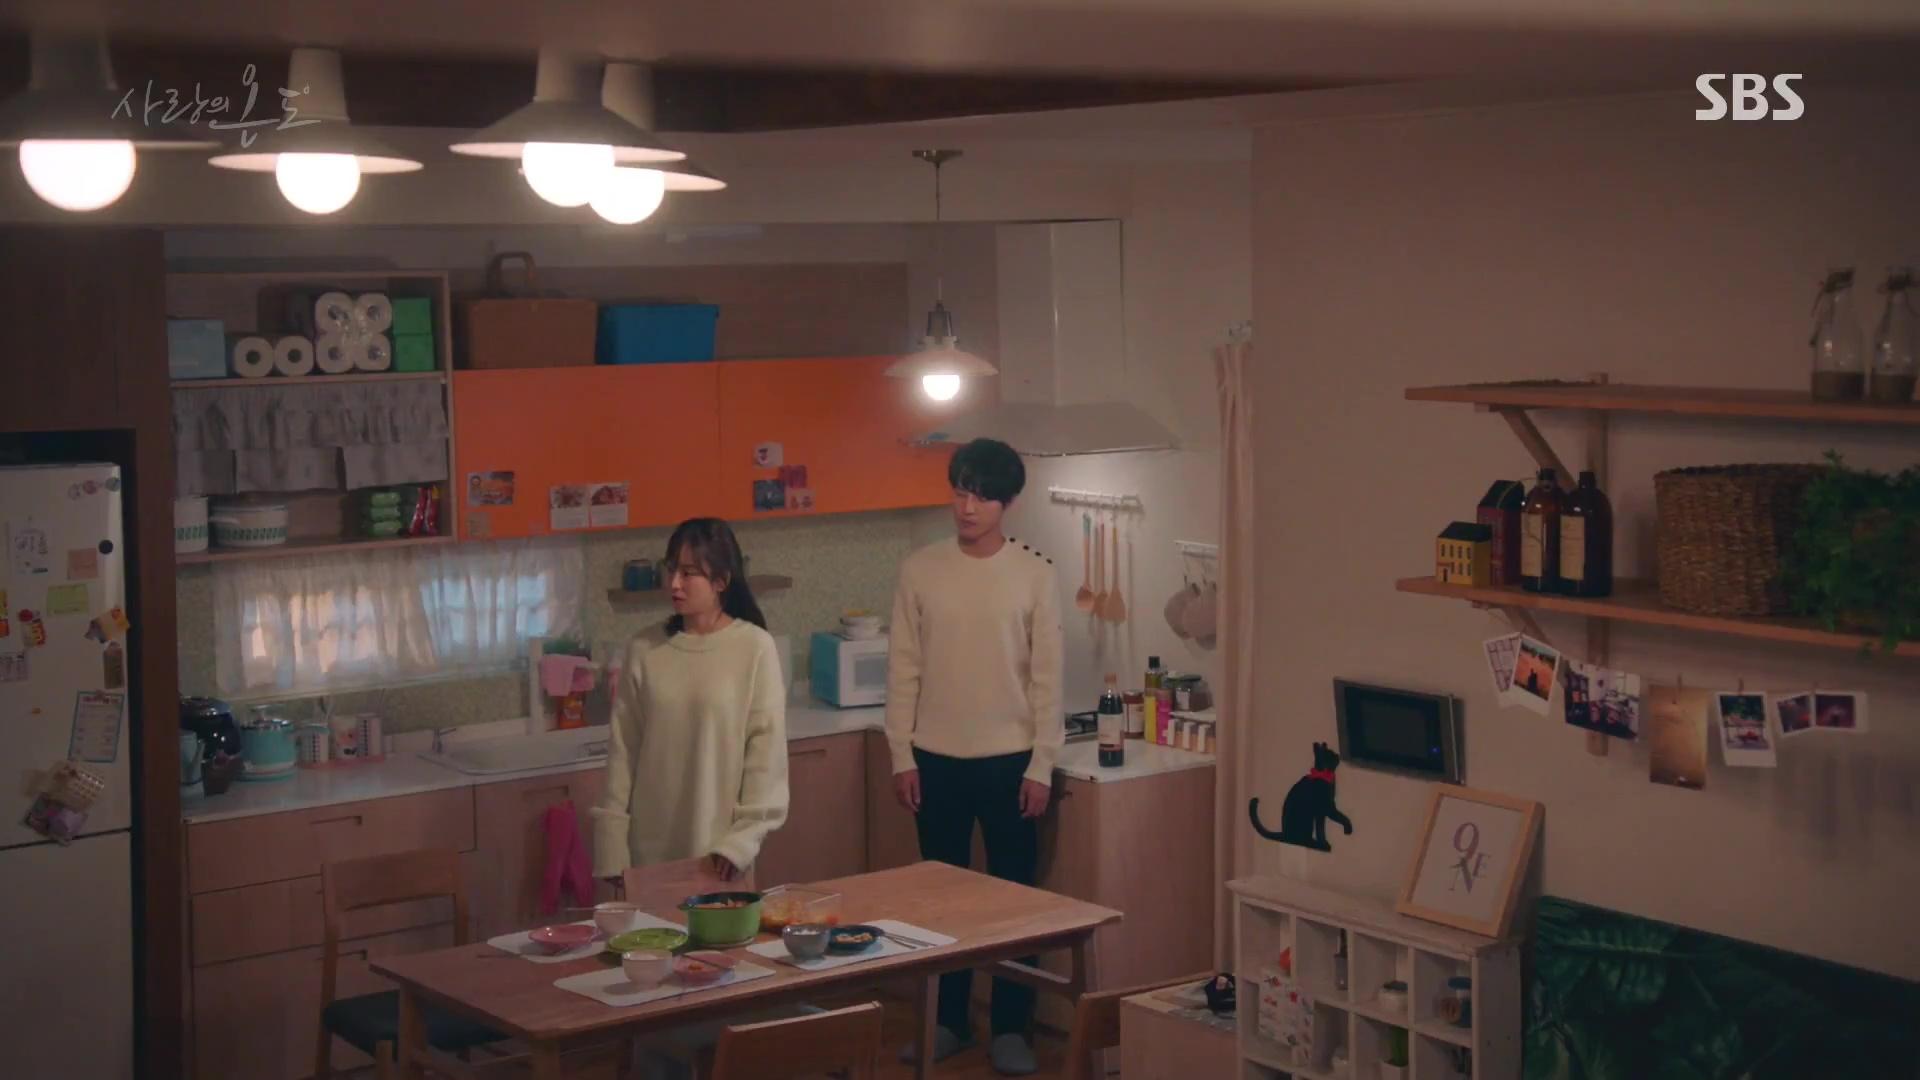 Bị nam chính bơ đẹp, yêu nữ số 1 Hàn Quốc nuốt không nổi cơm, quyết phục thù - Ảnh 4.